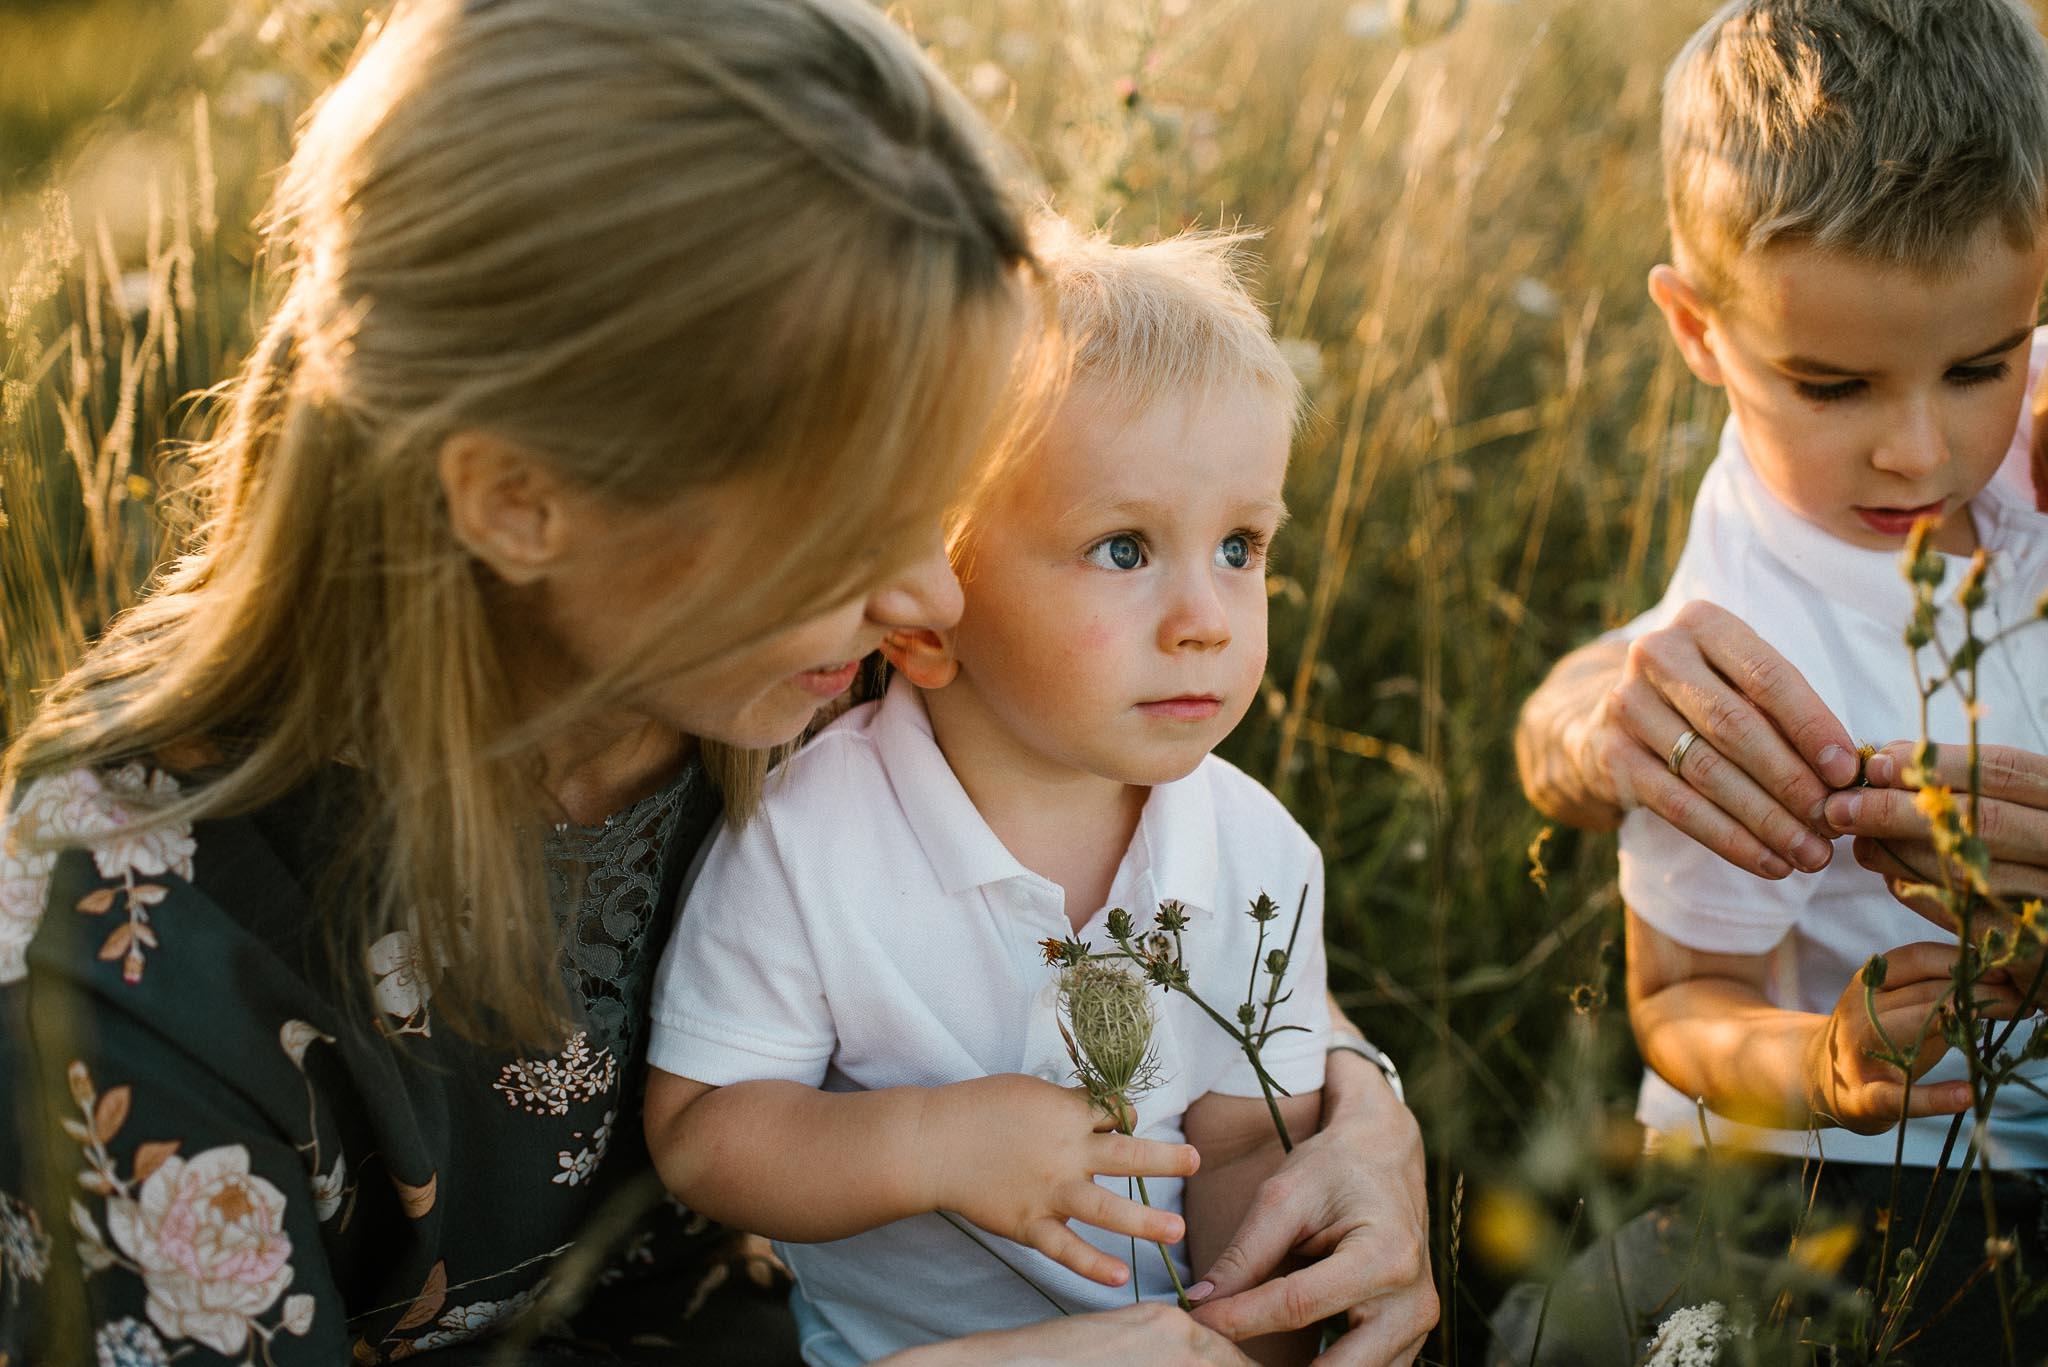 Rodzina ogląda kwiaty na łące - sesja rodzinna w plenerze na łące w Poznaniu